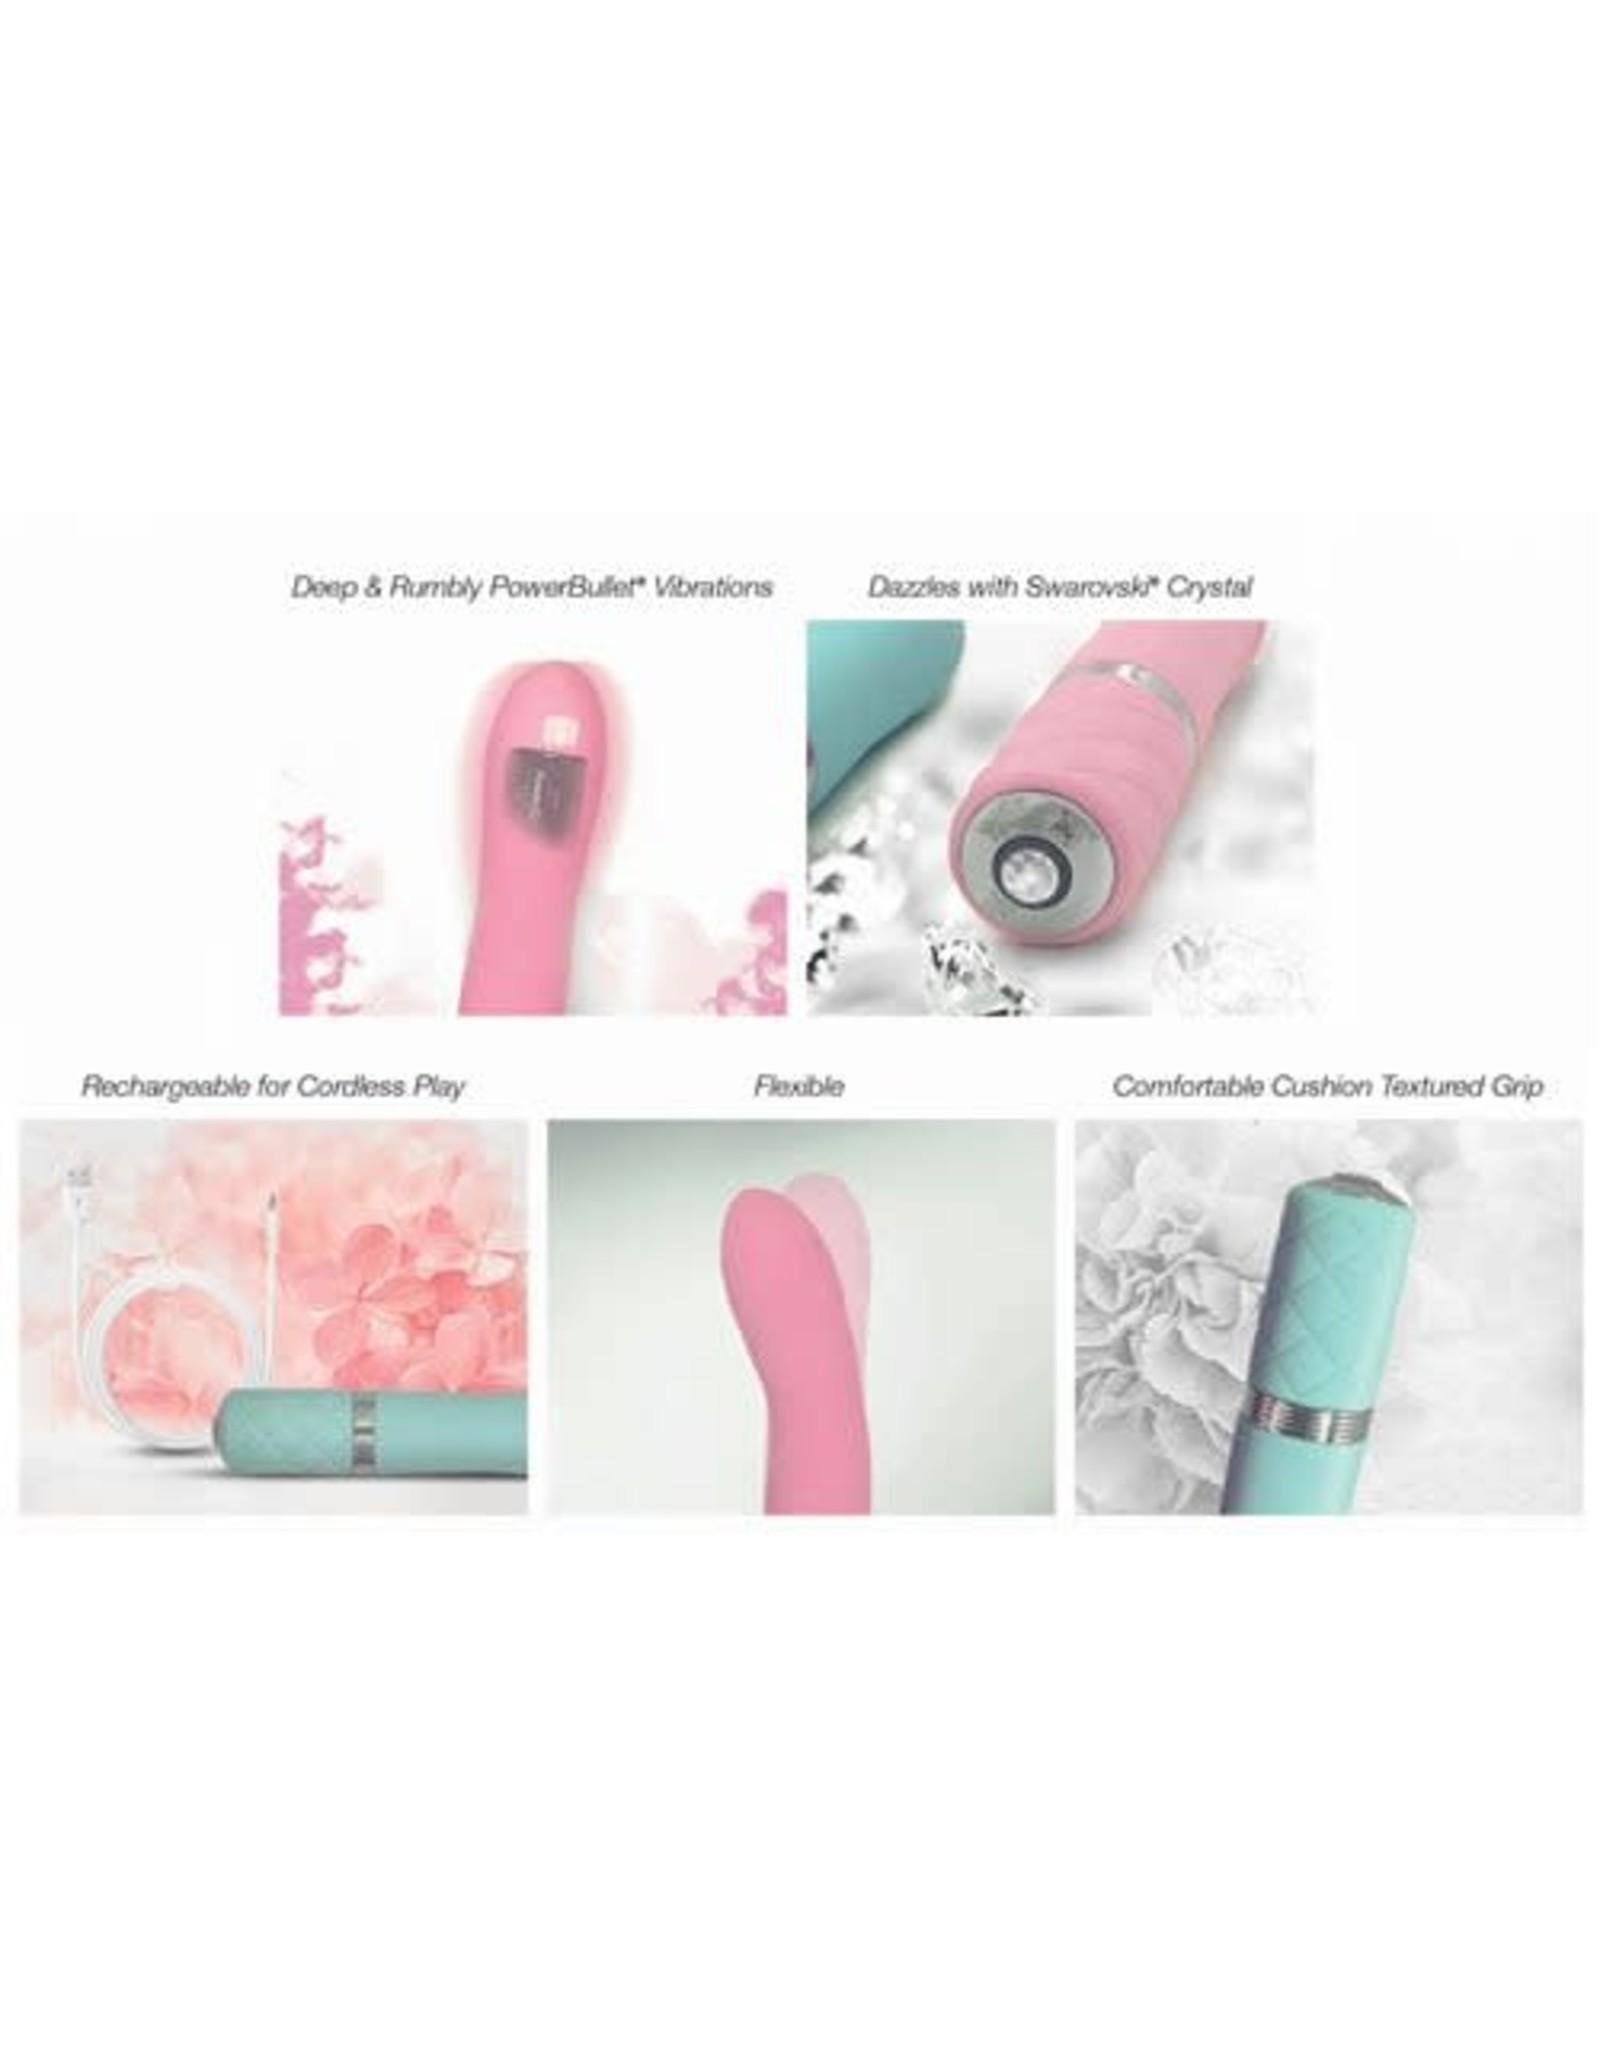 Pillow Talk Pillow Talk Flirty Luxurious Mini Massager Pink